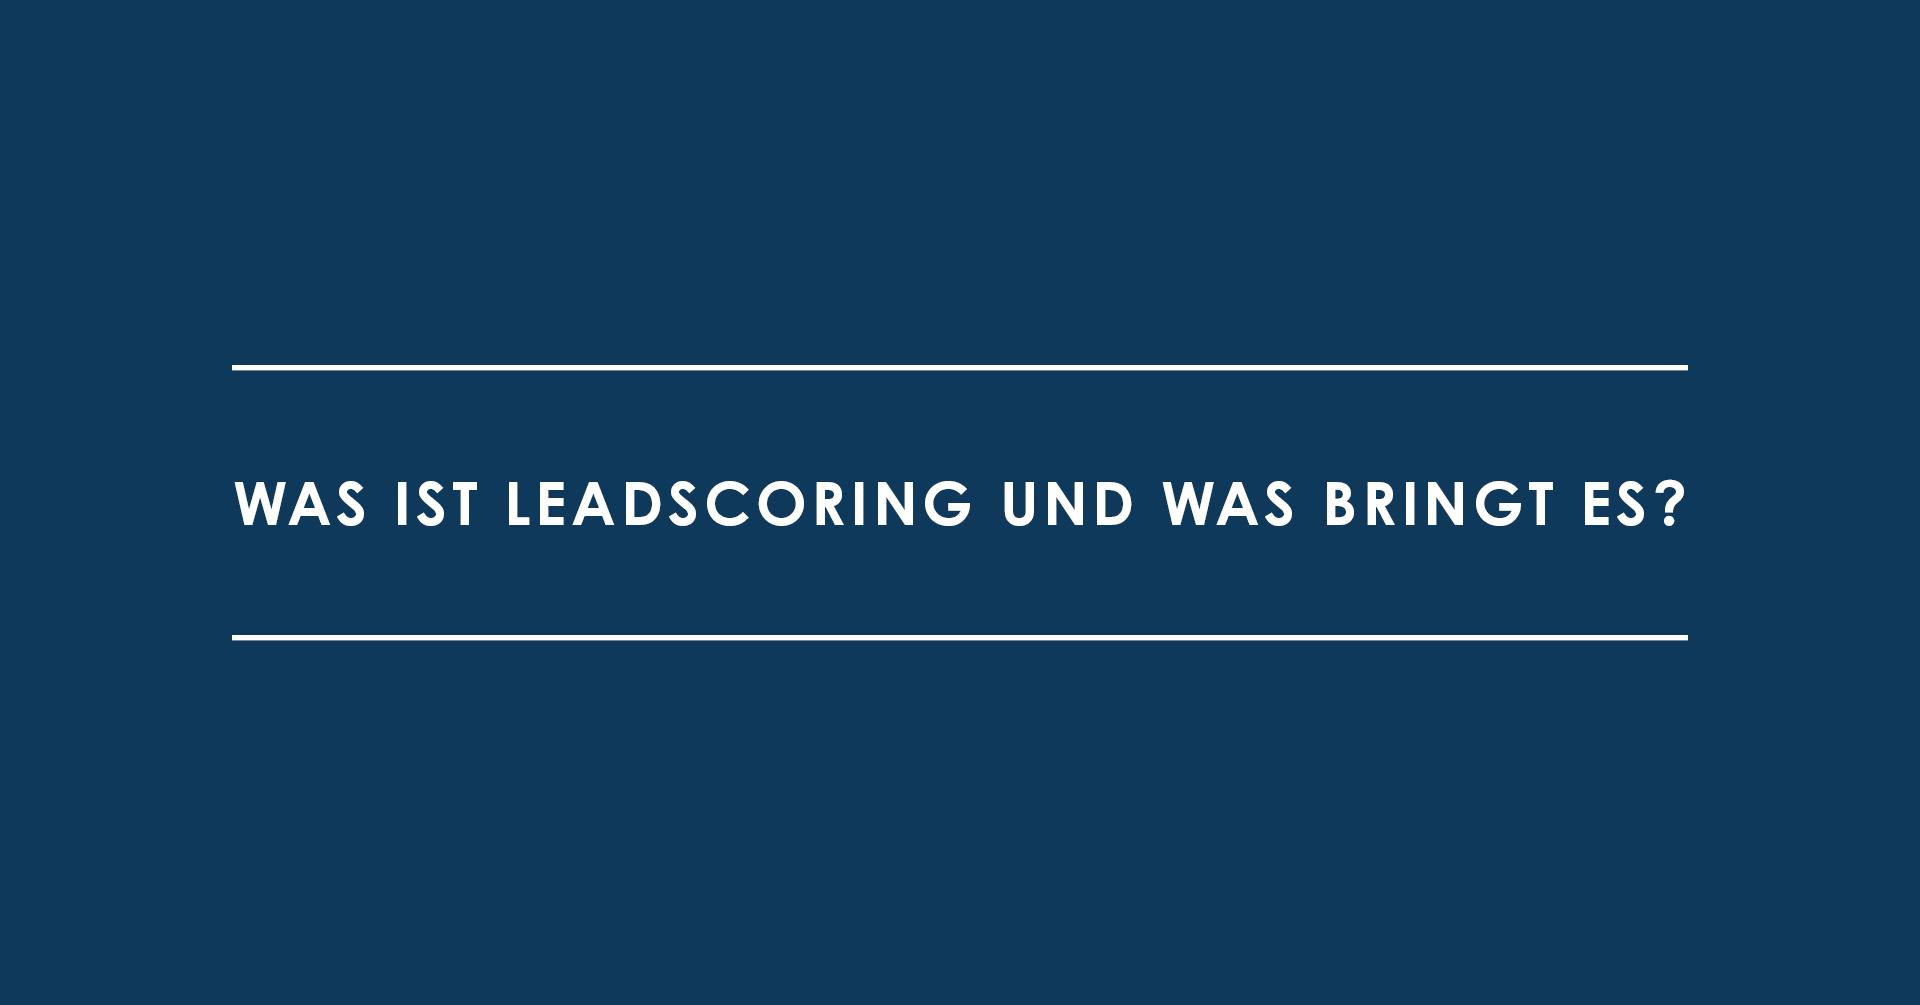 Was ist Leadscoring und was bringt es?